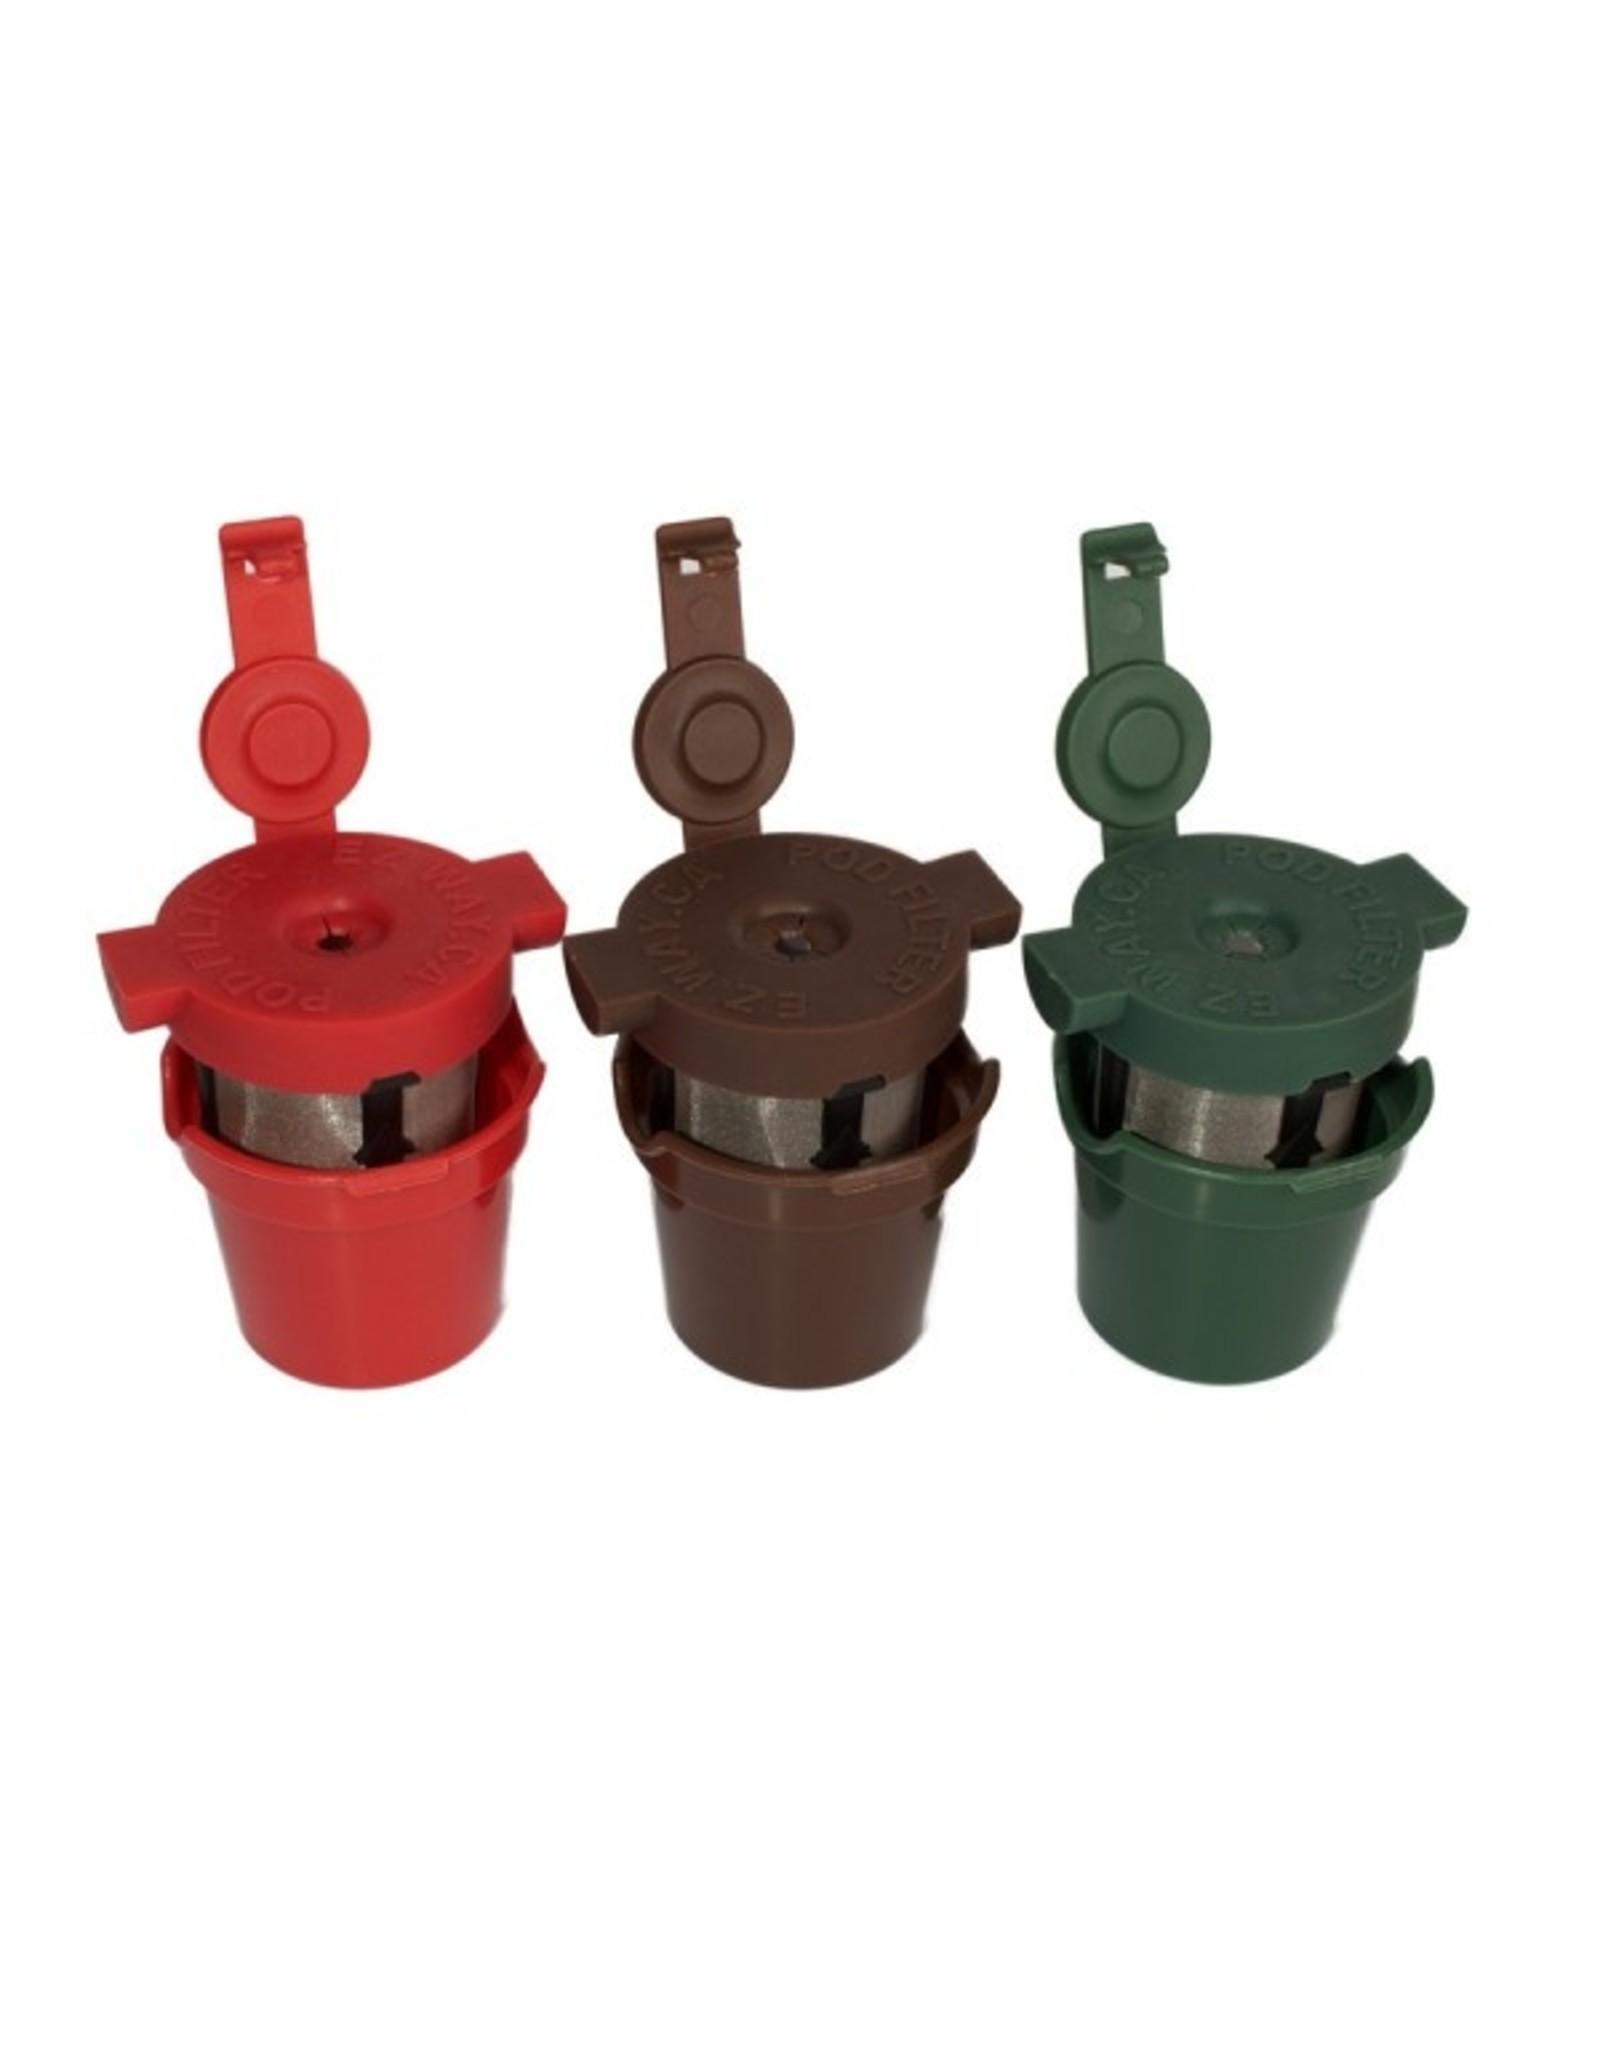 Pour modèles K-Classic, K-Select, K55, K15, K50, K80 K-compact, Cuisinart, Hibrew